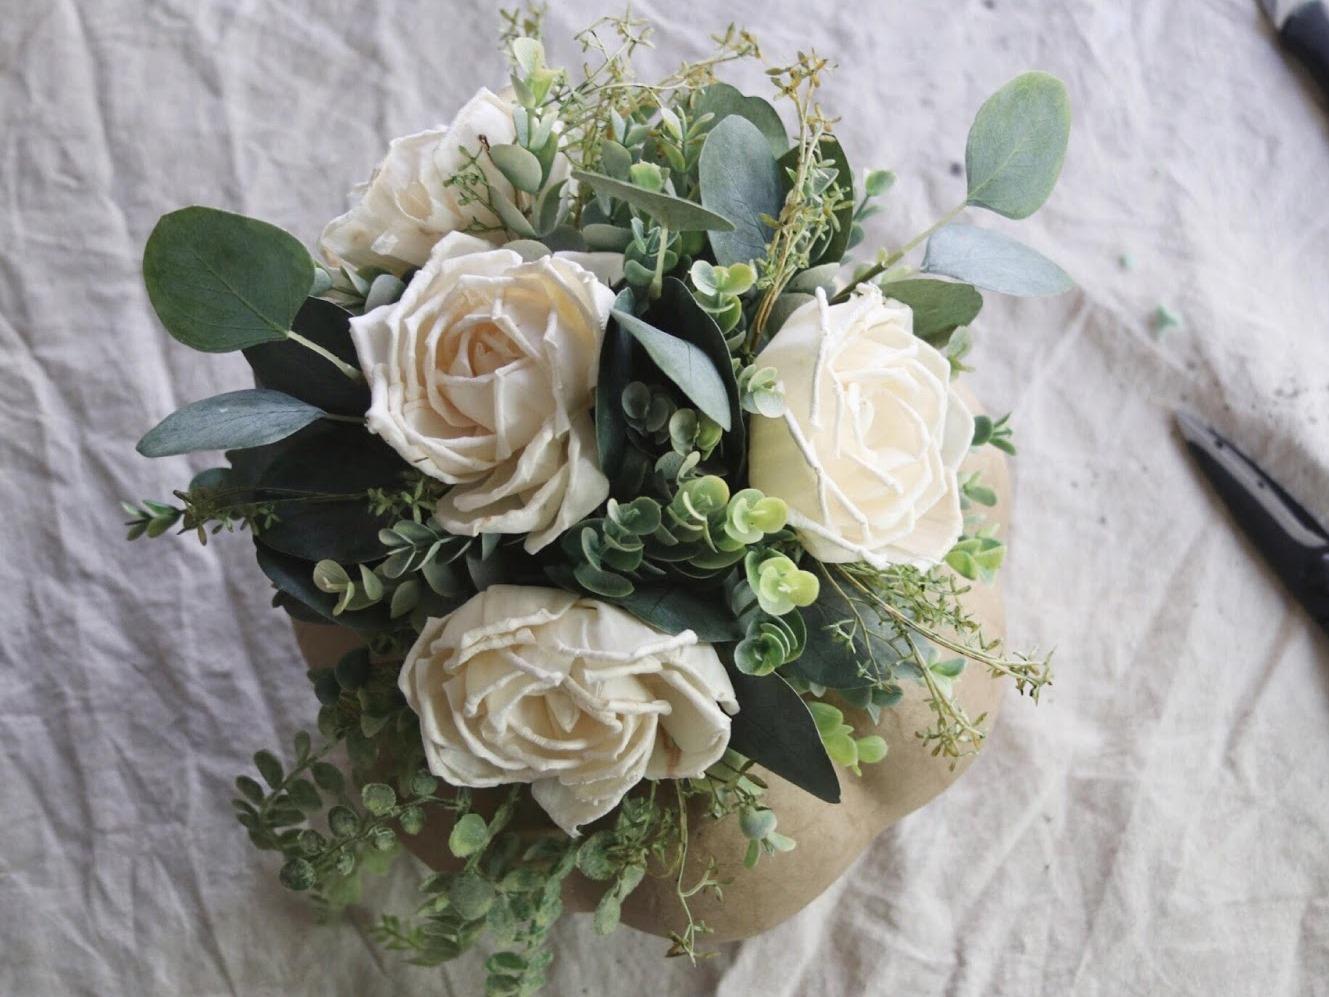 Как сделать цветочную композицию - прикрепите цветы